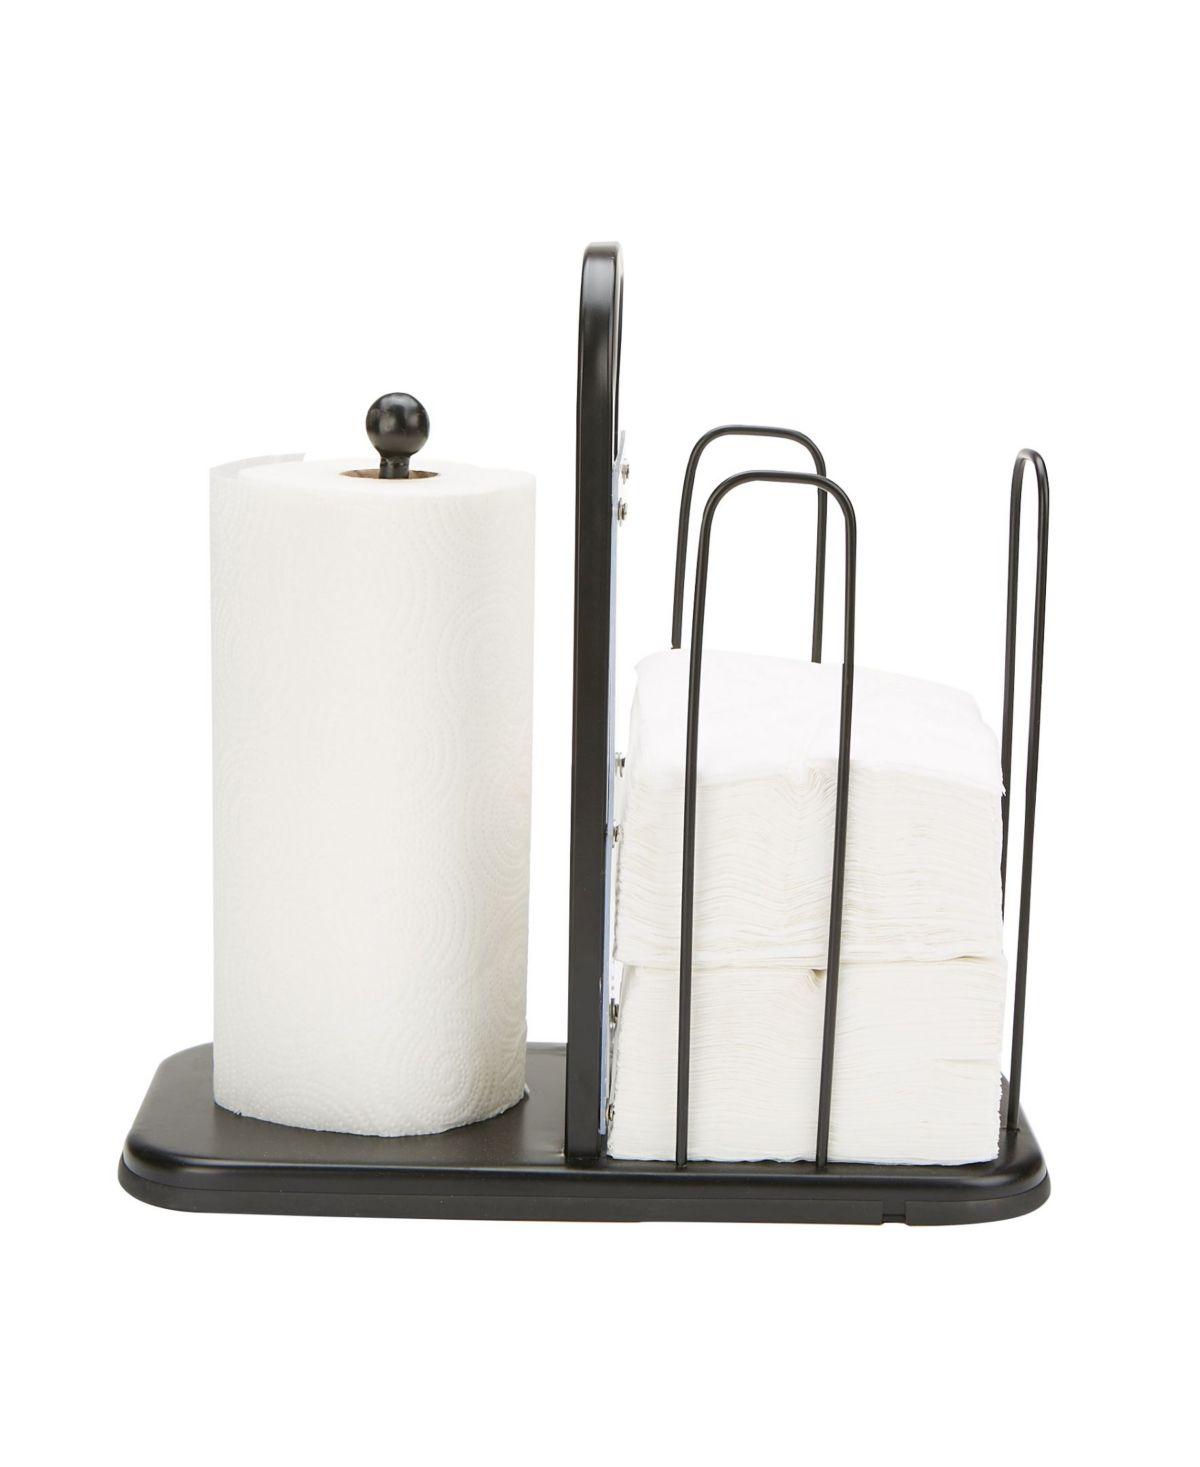 Mind Reader Paper Towel And Napkin Holder Storage Organizer